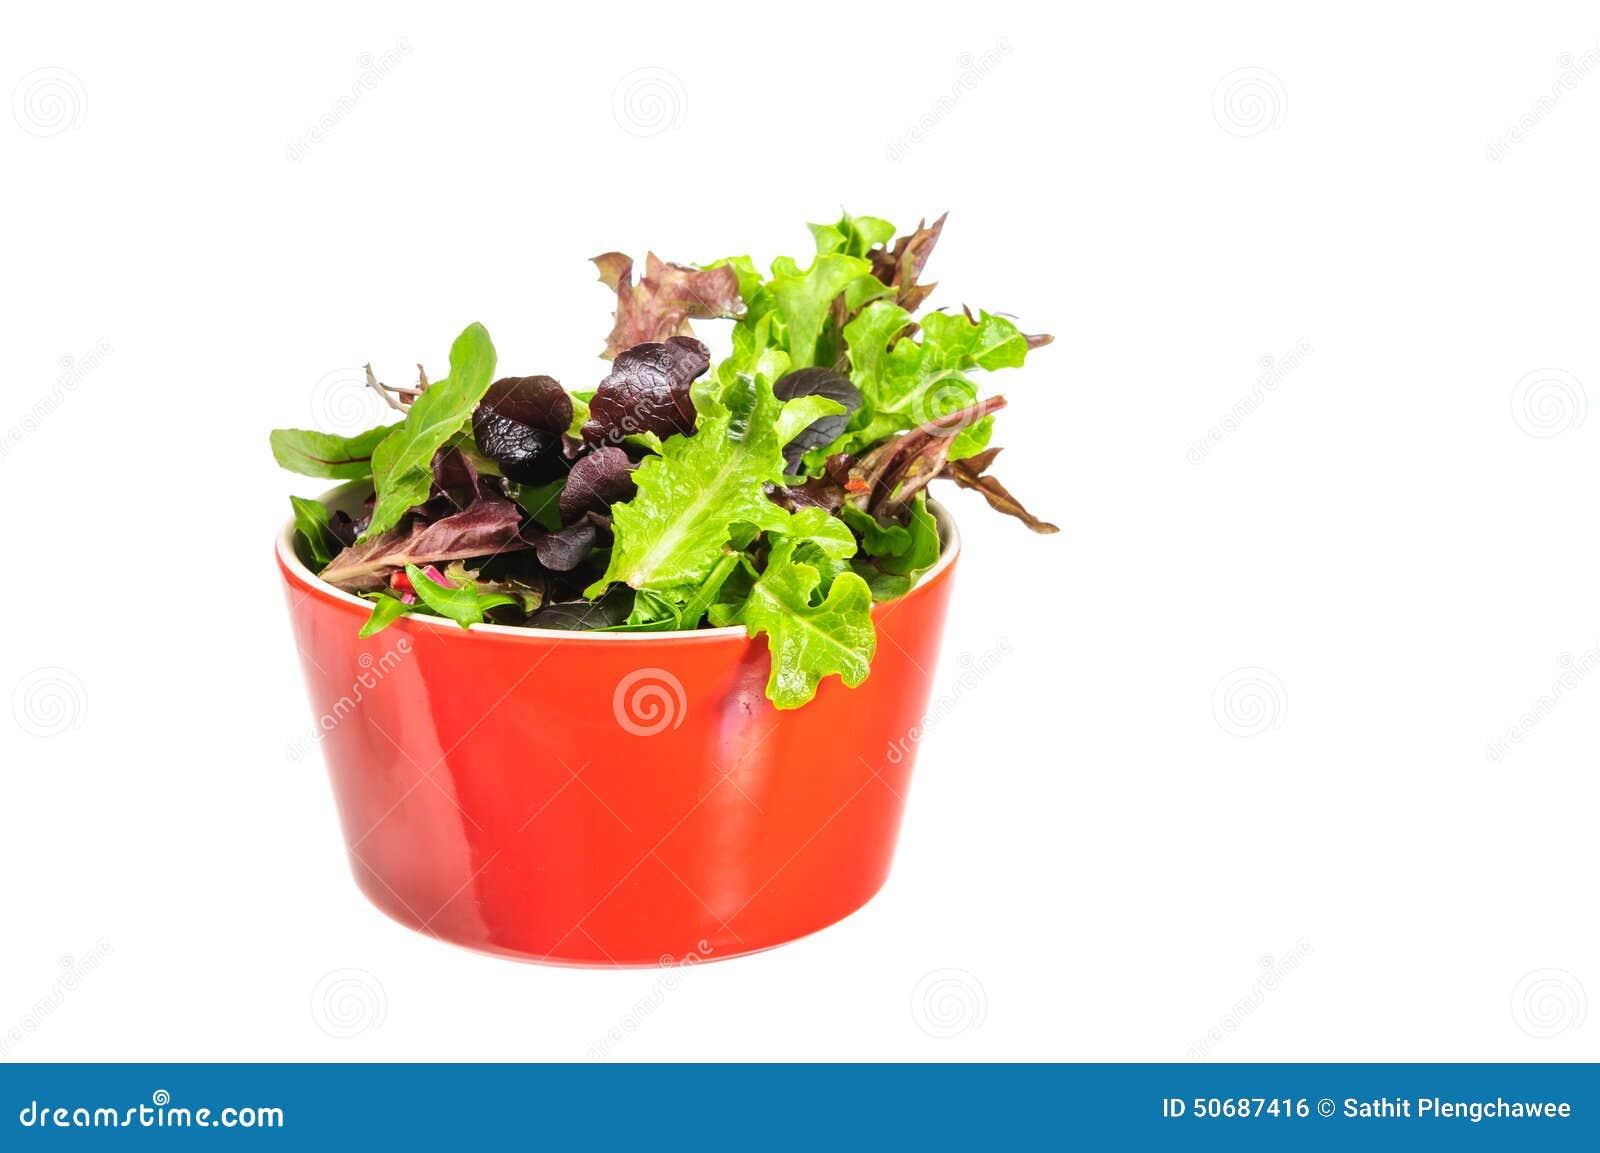 Download E 库存照片. 图片 包括有 食物, 蔬菜, 圆白菜, 空白, 饮食, 特写镜头, 对象, 红色, 健康 - 50687416